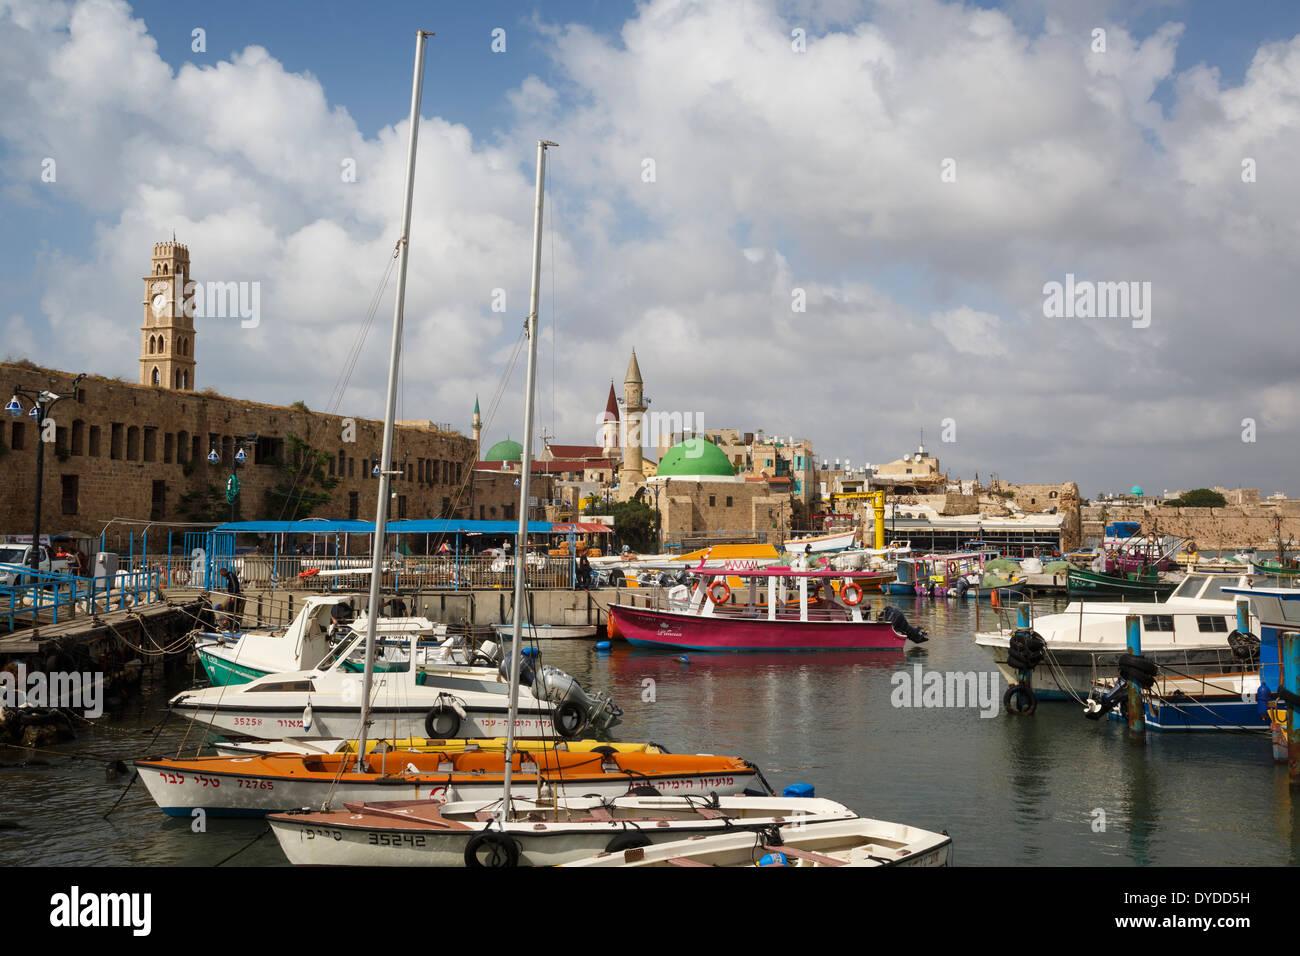 Le port dans la vieille ville d'Akko (Acre), Israël. Photo Stock